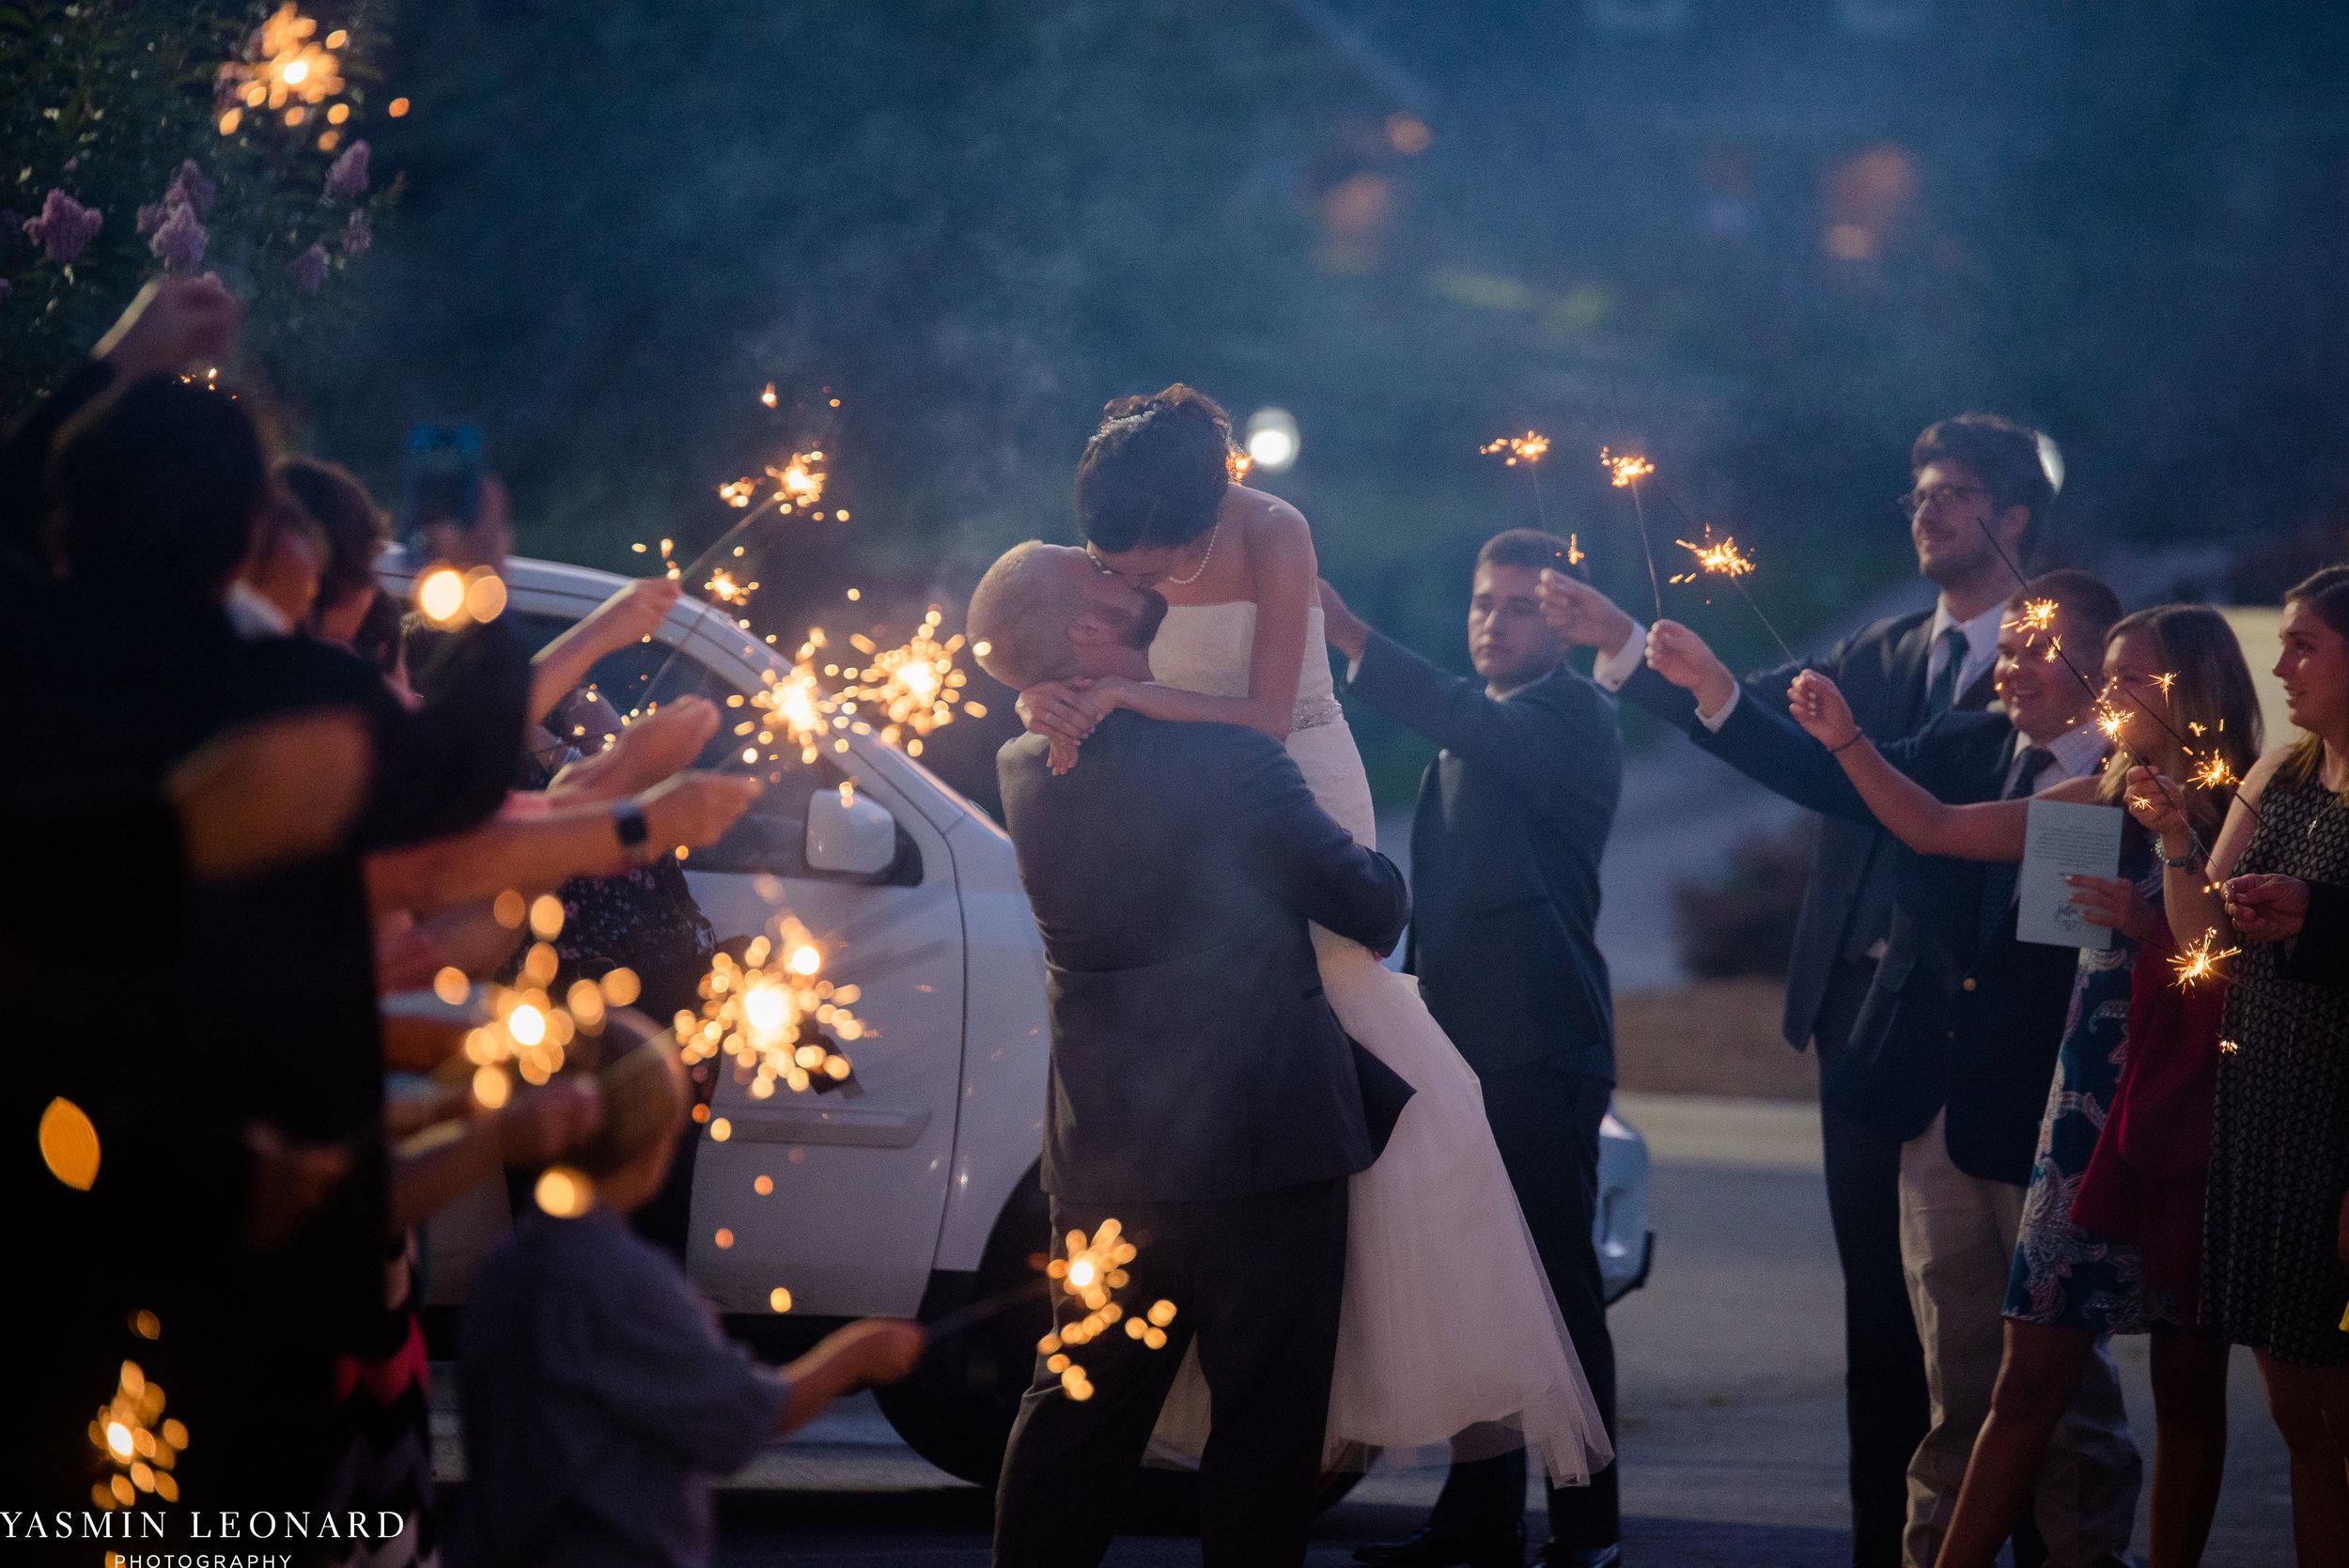 Mt. Pleasant Church - Church Wedding - Traditional Wedding - Church Ceremony - Country Wedding - Godly Wedding - NC Wedding Photographer - High Point Weddings - Triad Weddings - NC Venues-61.jpg